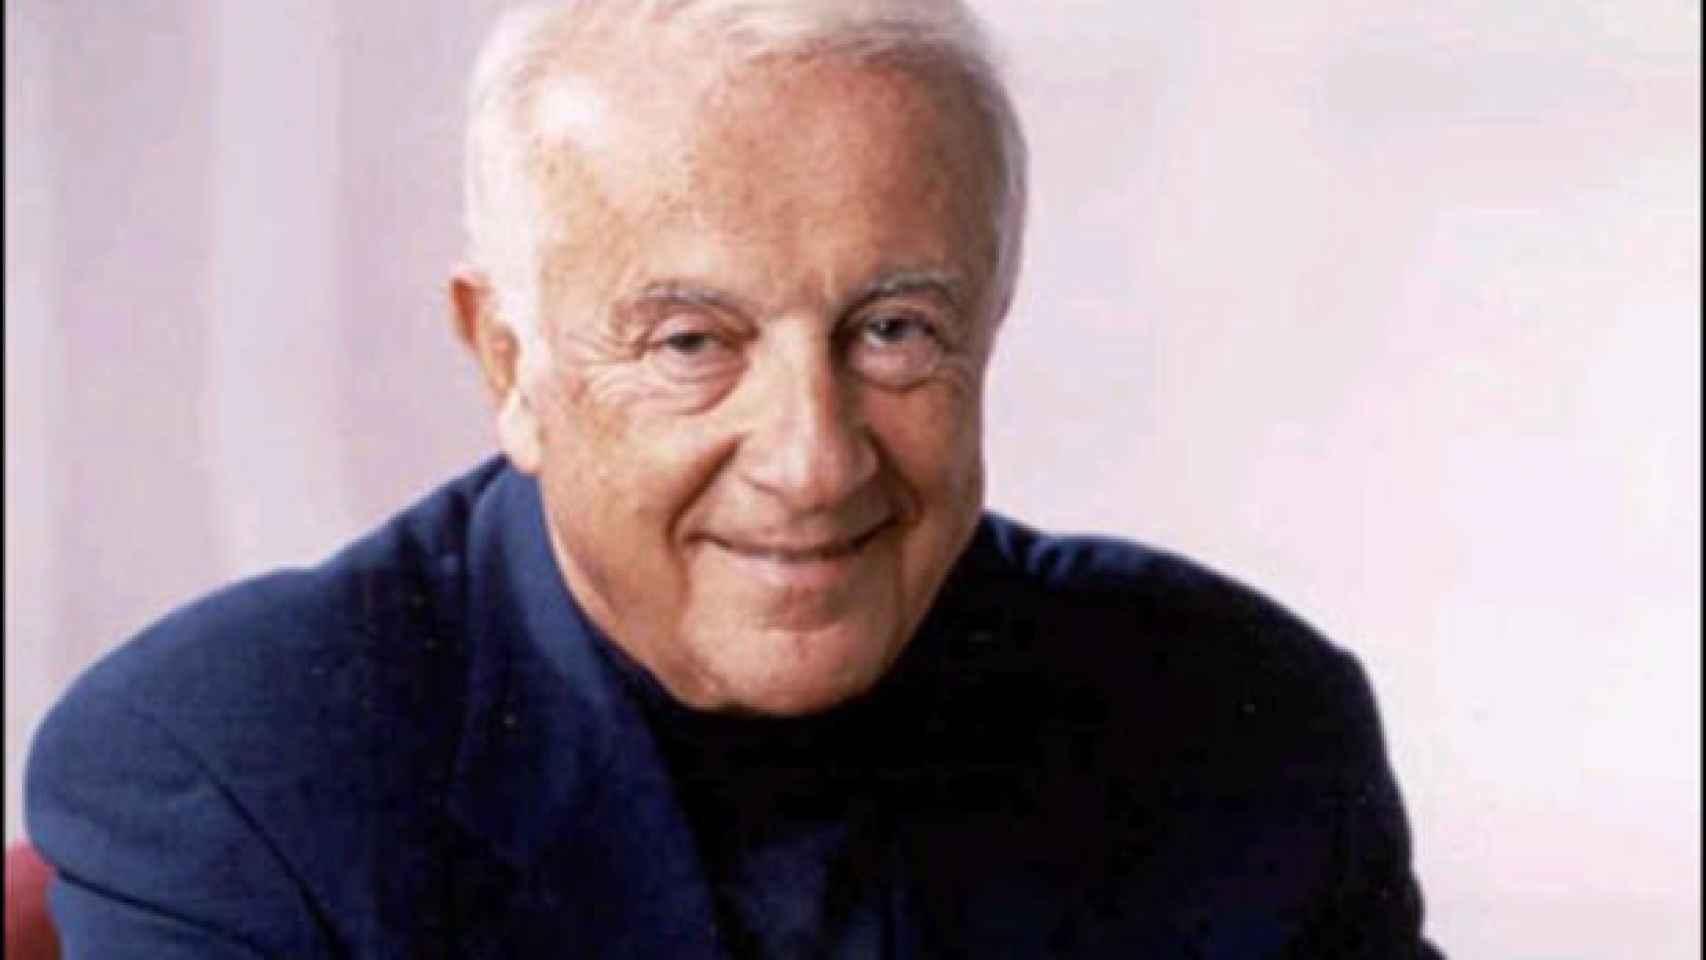 Robert Atkins